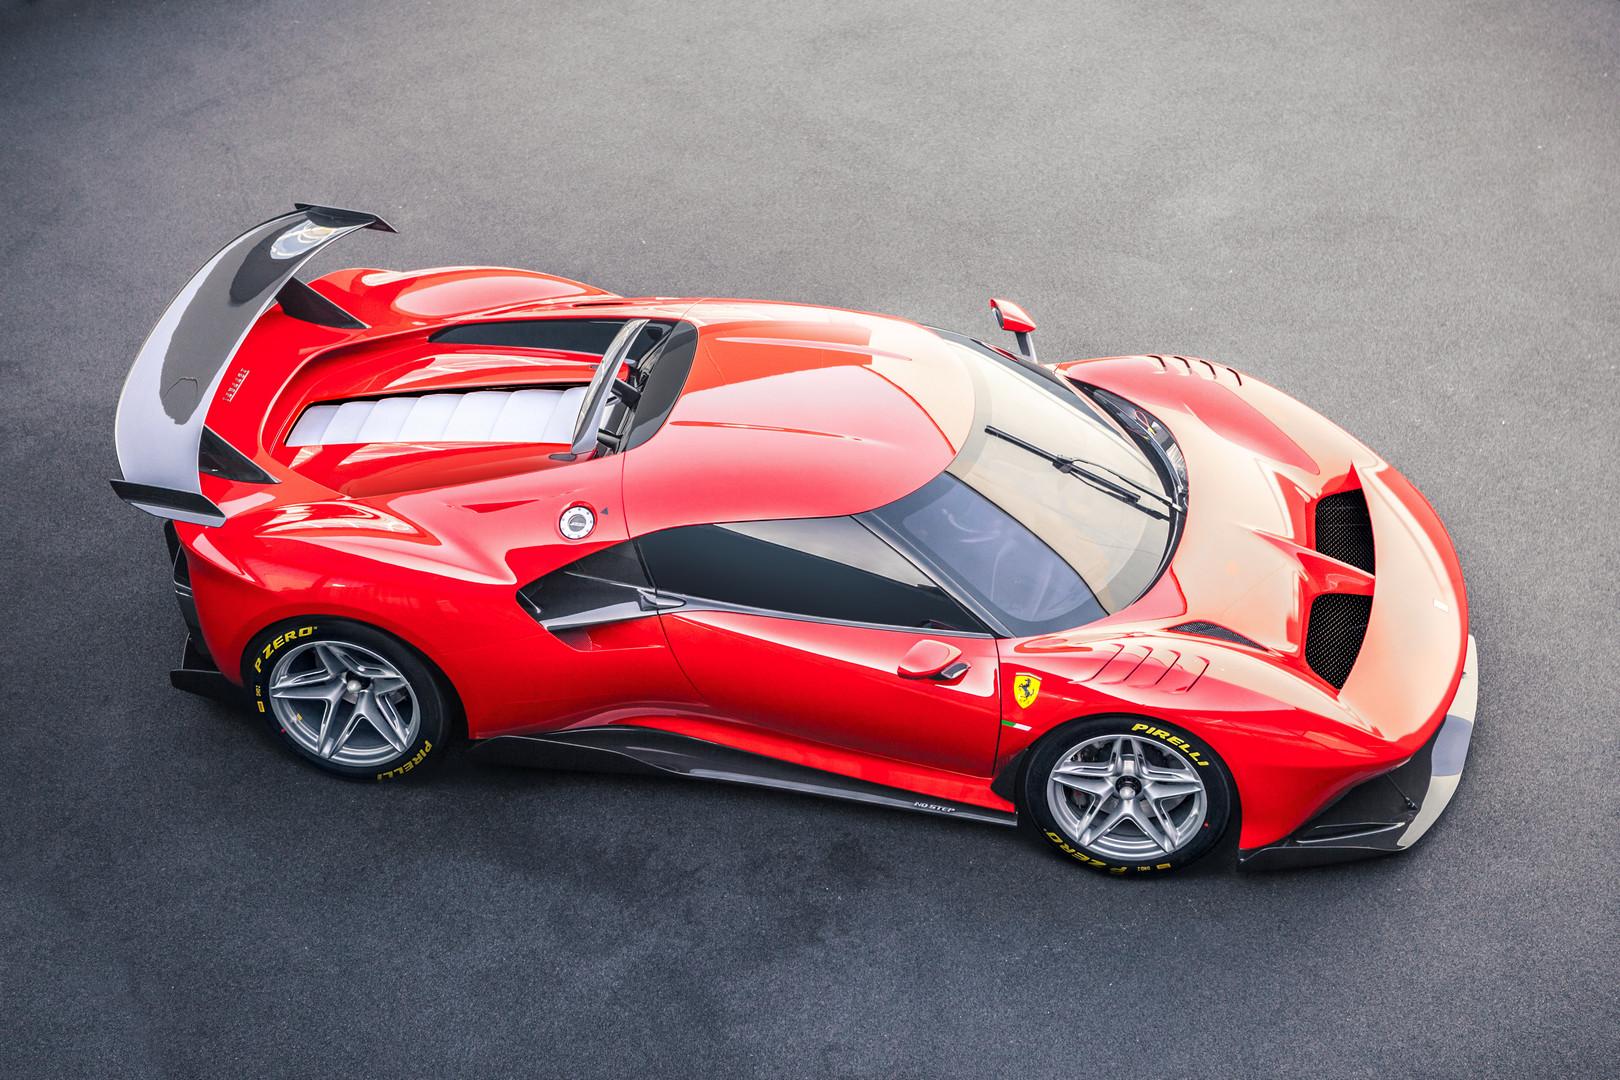 Ferrari P80/C: One-Off Racecar